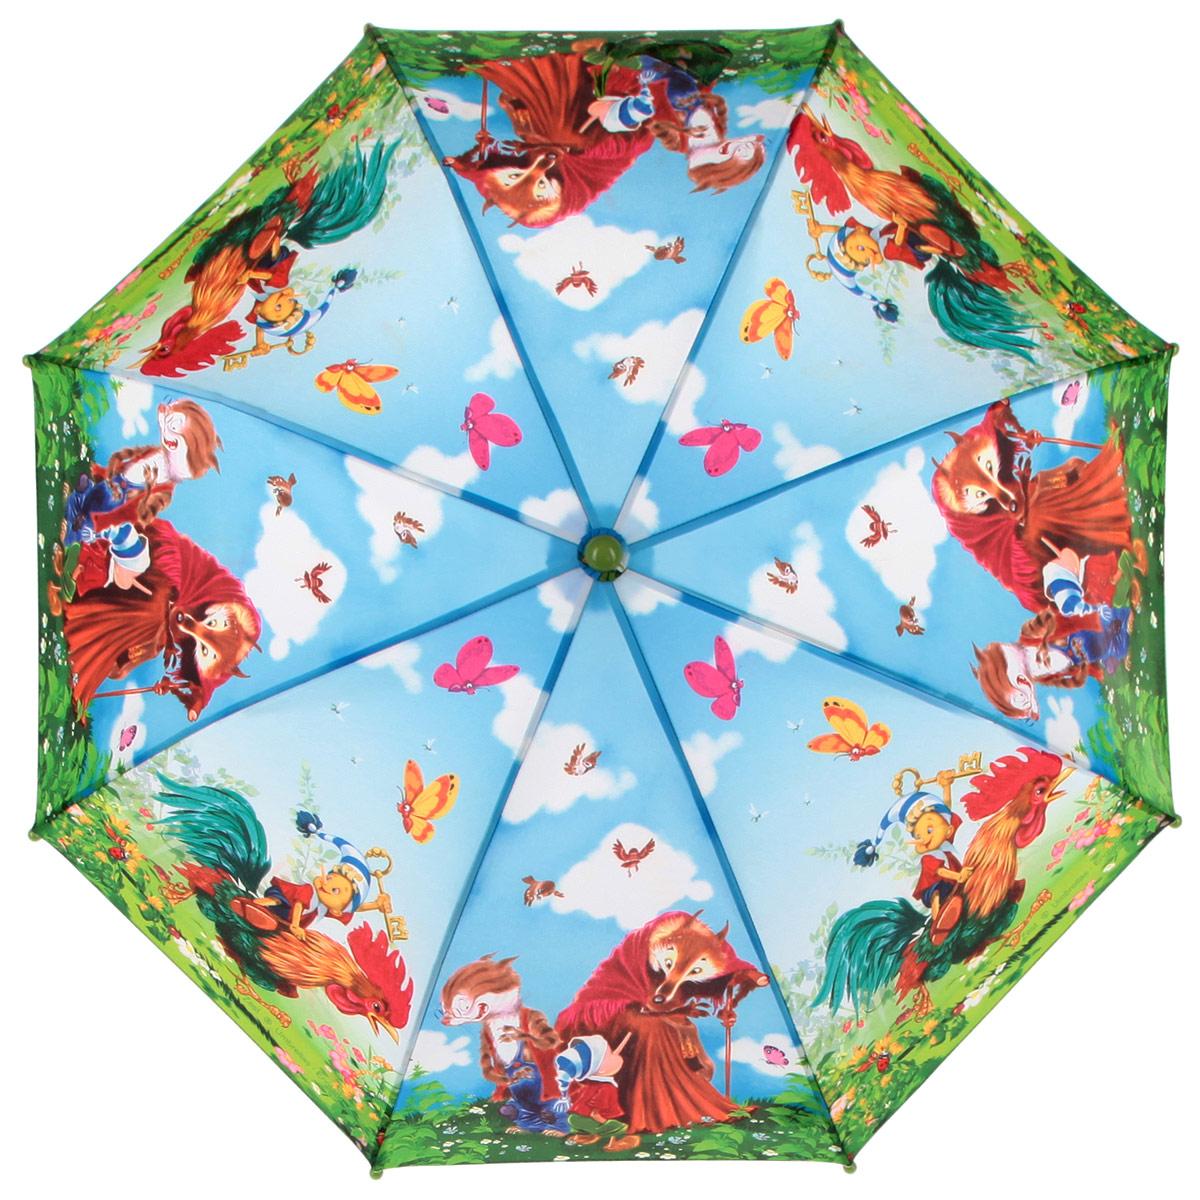 Зонт-трость Zest, цвет: зеленый, голубой, мультицвет. 21-0121-01Красочный детский зонт-трость ZEST выполнен из металла и пластика, оформлен принтом с изображениями героев известнейших сказок. Каркас зонта выполнен из восьми спиц, стержень из стали. На концах спиц предусмотрены пластиковые элементы, которые защитят малыша от травм. Купол зонта изготовлен прочного полиэстера. Закрытый купол застегивается на липучку хлястиком. Практичная глянцевая рукоятка закругленной формы разработана с учетом требований эргономики и выполнена из пластика. Зонт раскладывается и складывается при помощи механических воздействий.